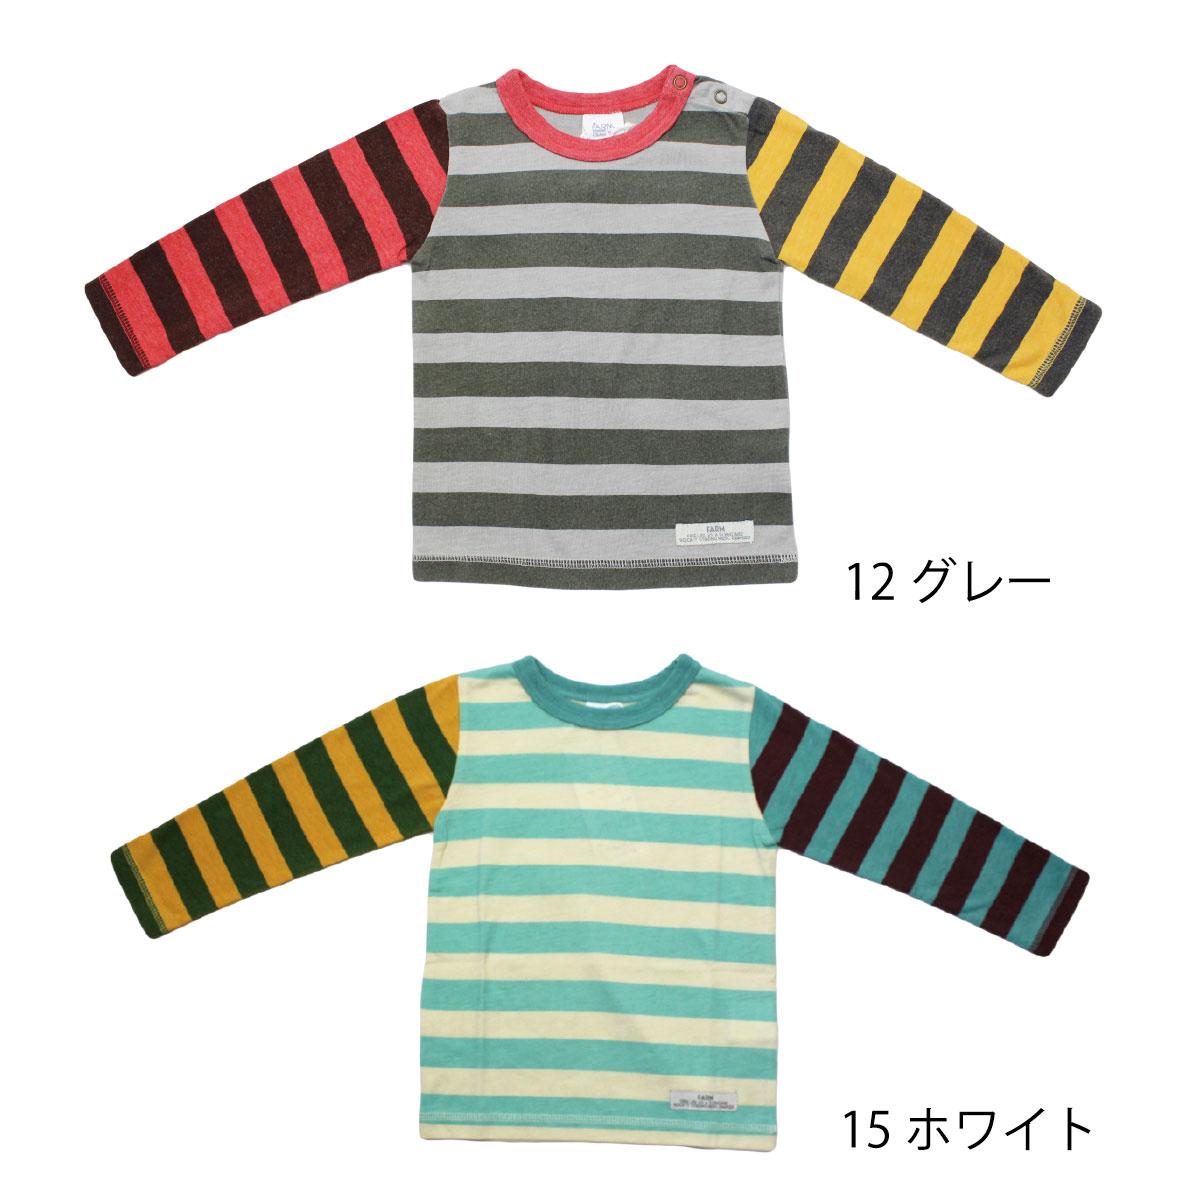 【ネコポス対応】【SiShuNon/FARM】カラフルボーダーTシャツ